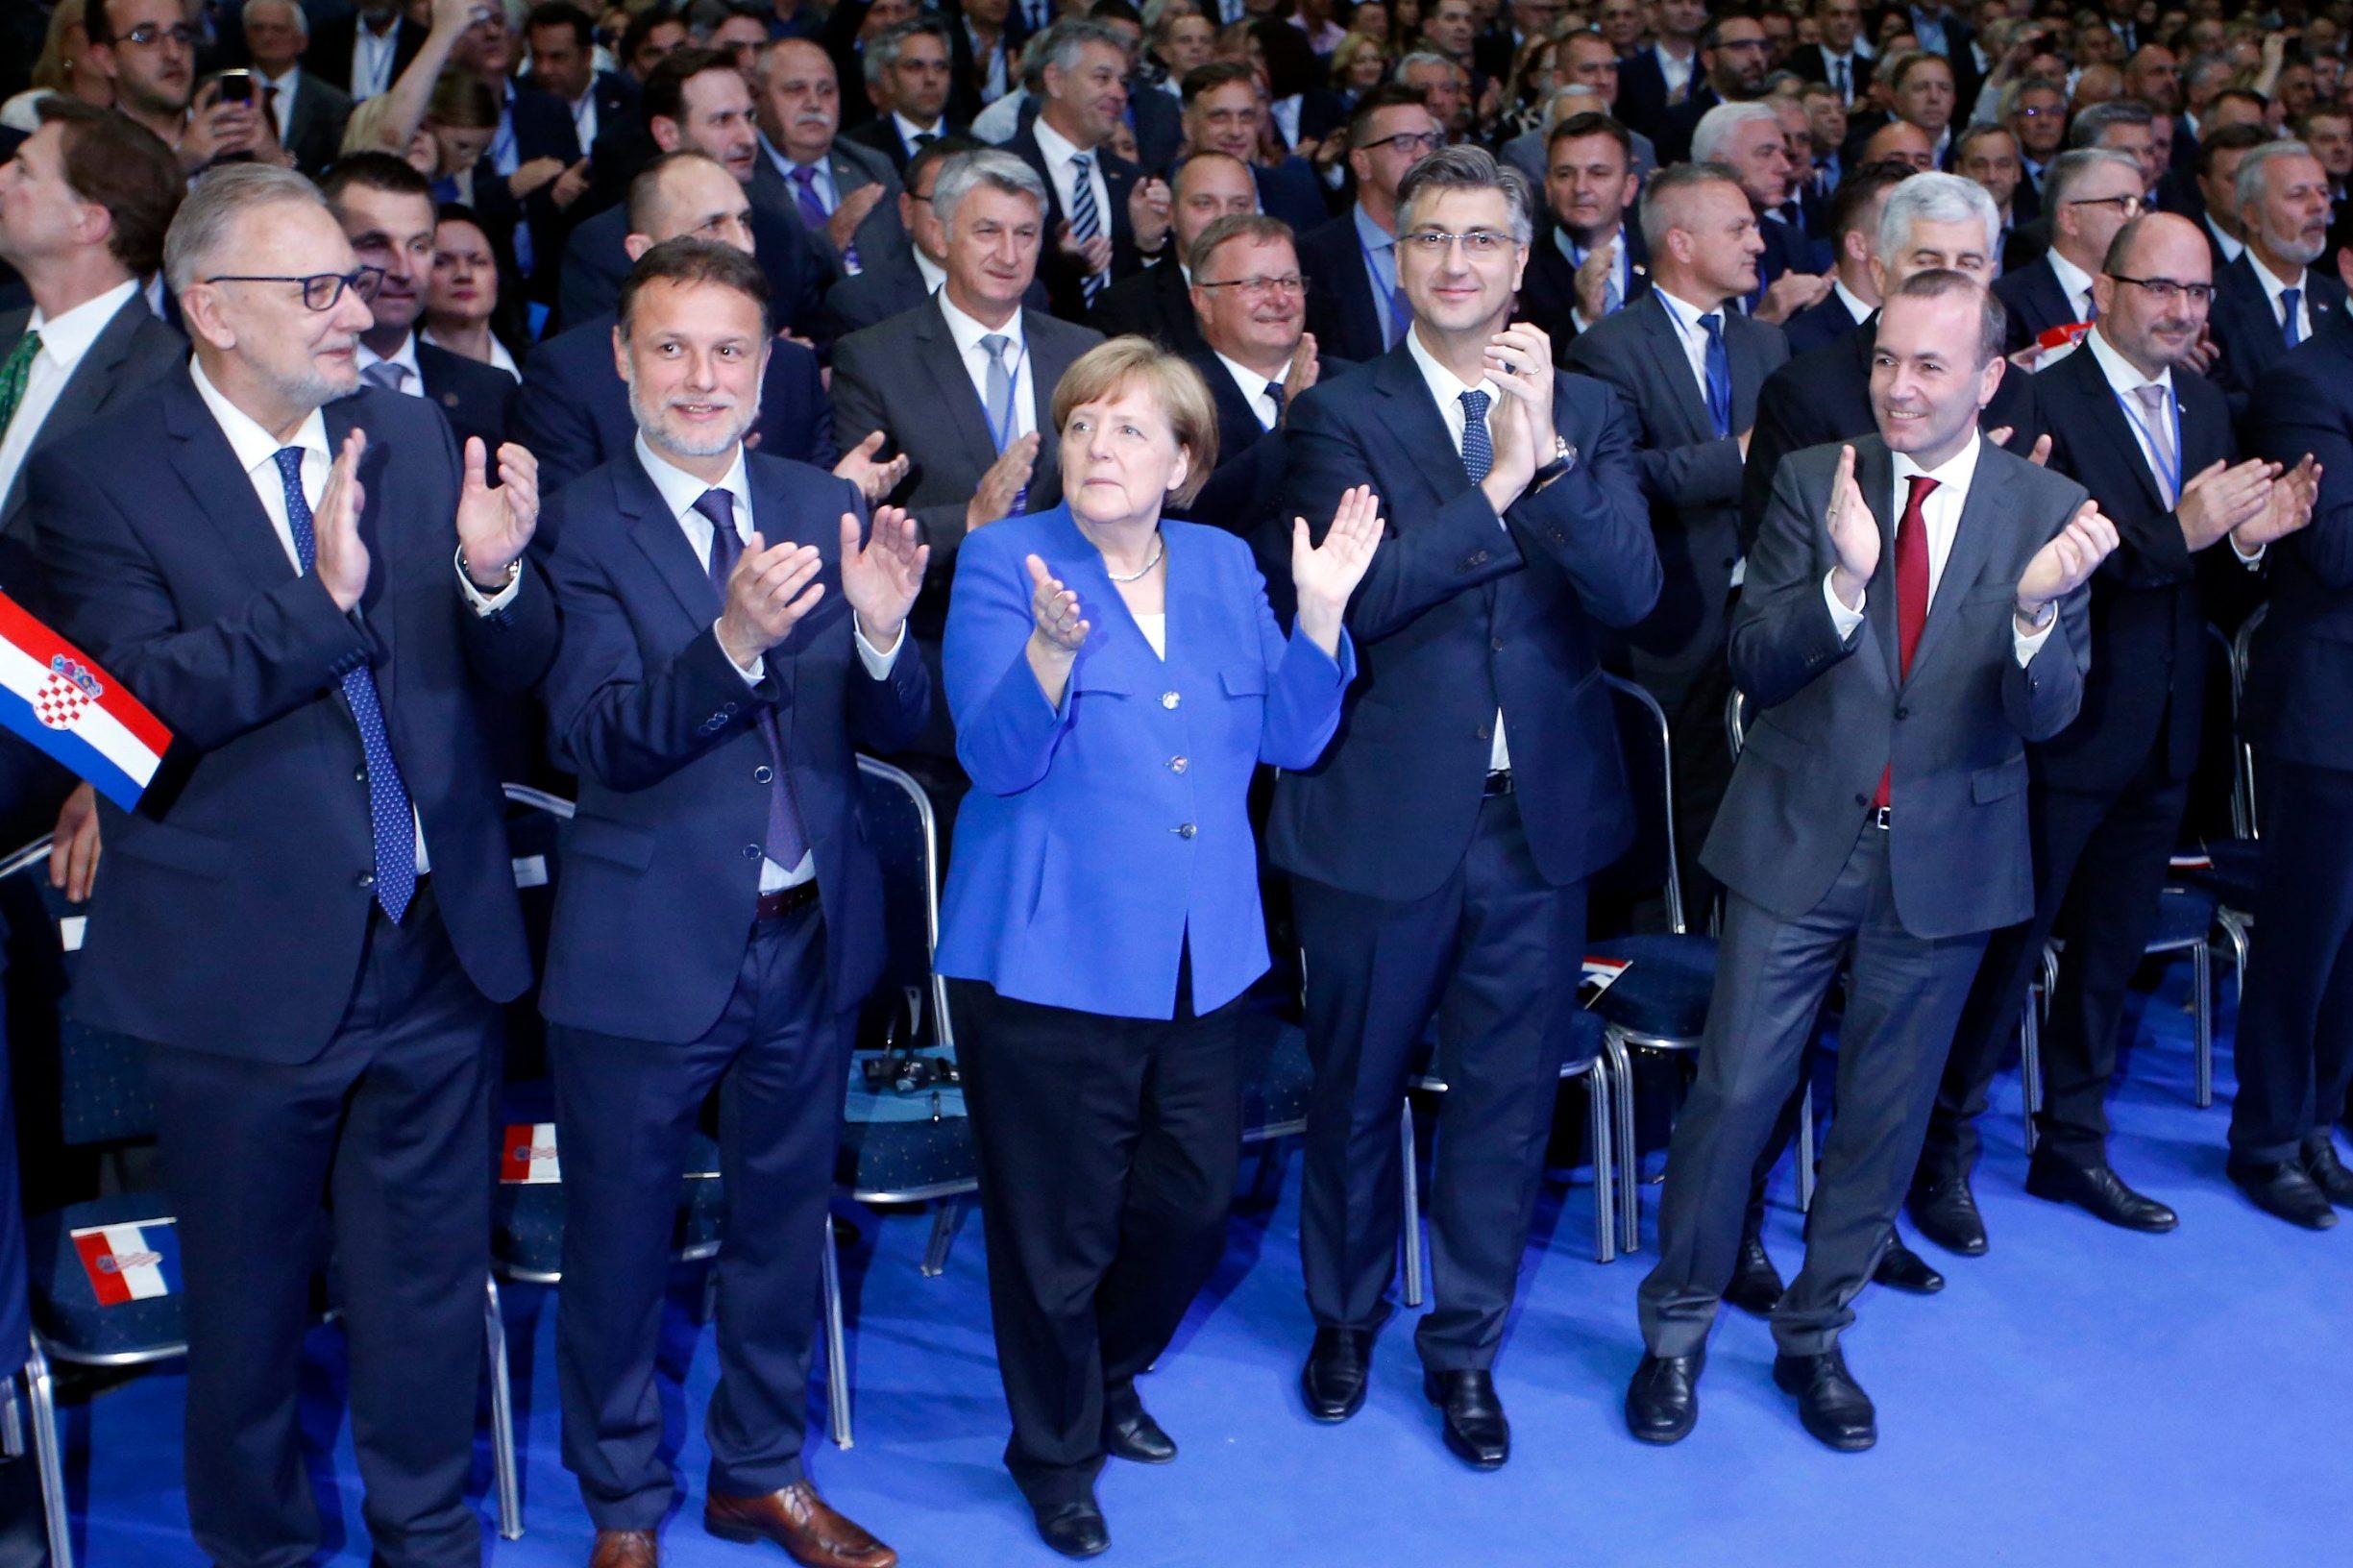 Njemačka kancelarka Angela Merkel na predizbornom skupu HDZ-a za članove EU parlamenta